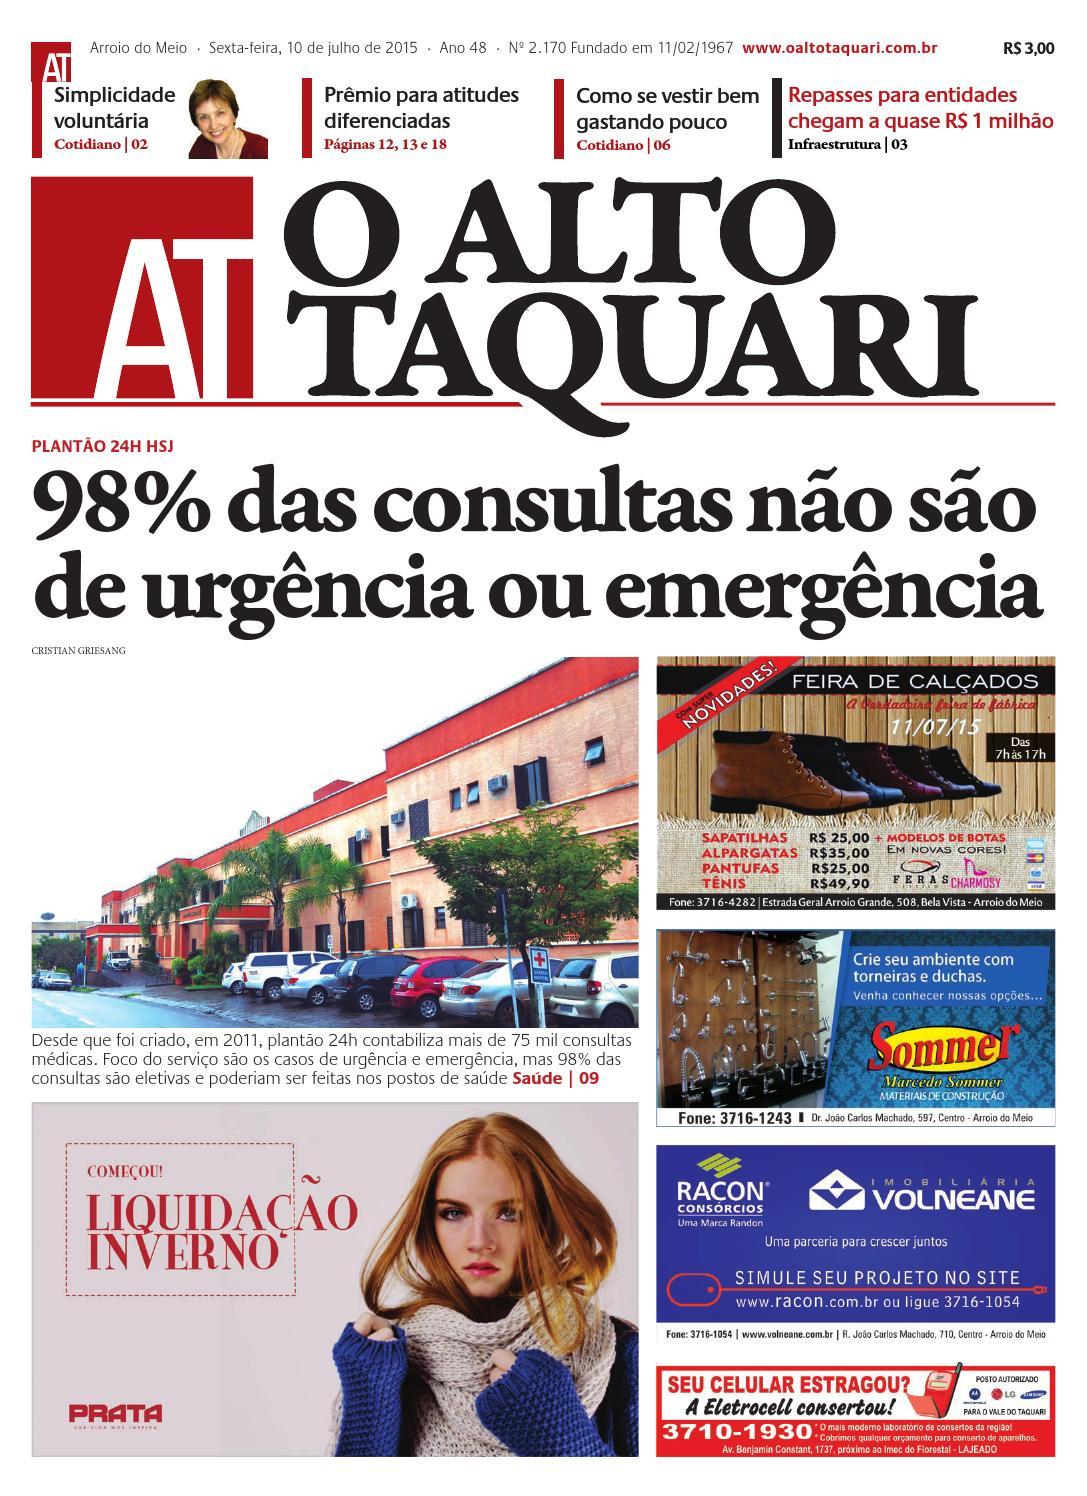 31d726edc Jornal O Alto Taquari - 10 de julho de 2015 by Jornal O Alto Taquari - issuu